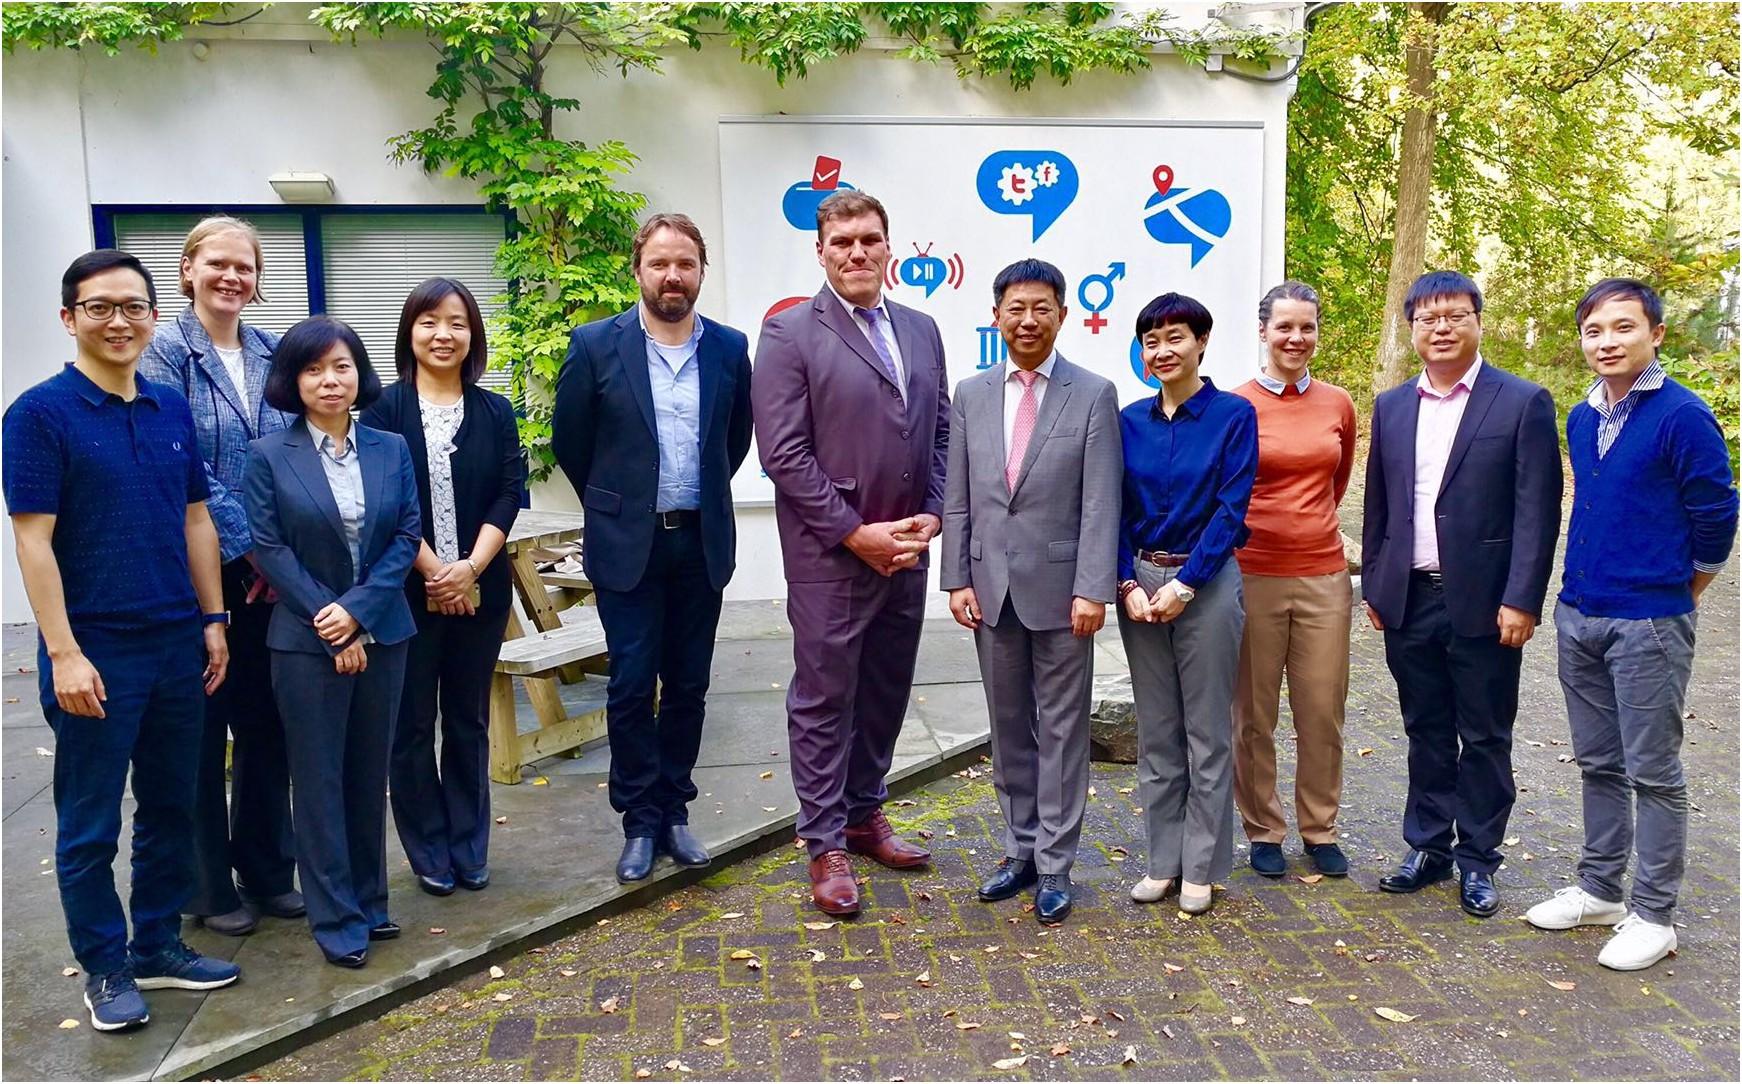 """中国传媒大学代表团访荷兰广电研究中心 建设""""双一流""""学科  加快国际化办学"""